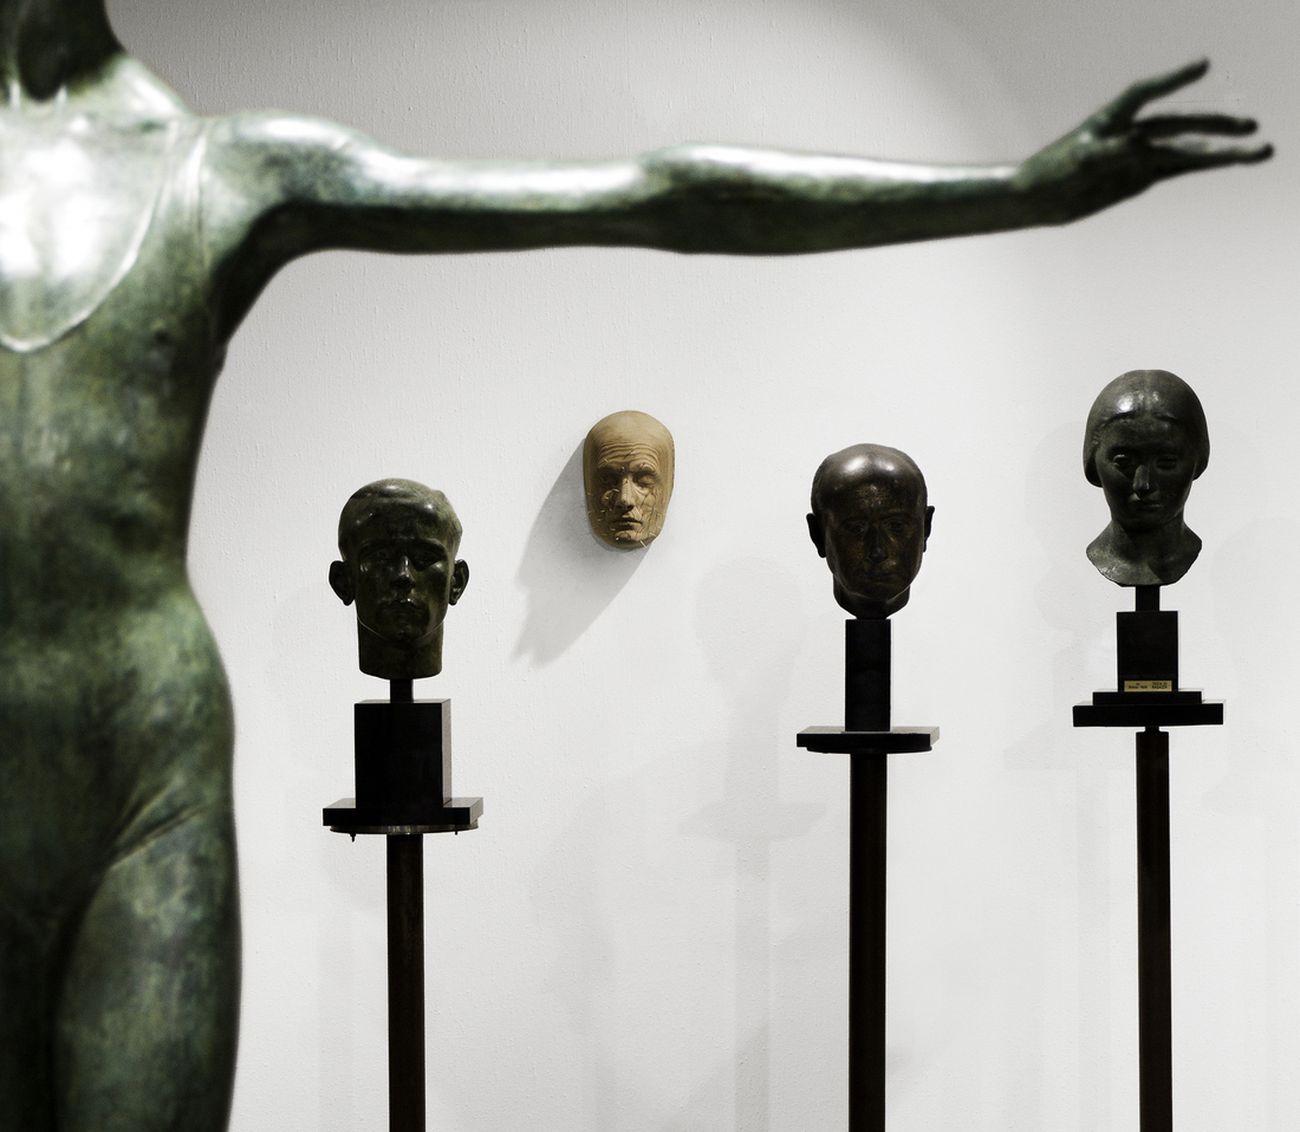 Andreas Senoner. Transitory Bodies. Installation view at Museo Francesco Messina, Milano 2021